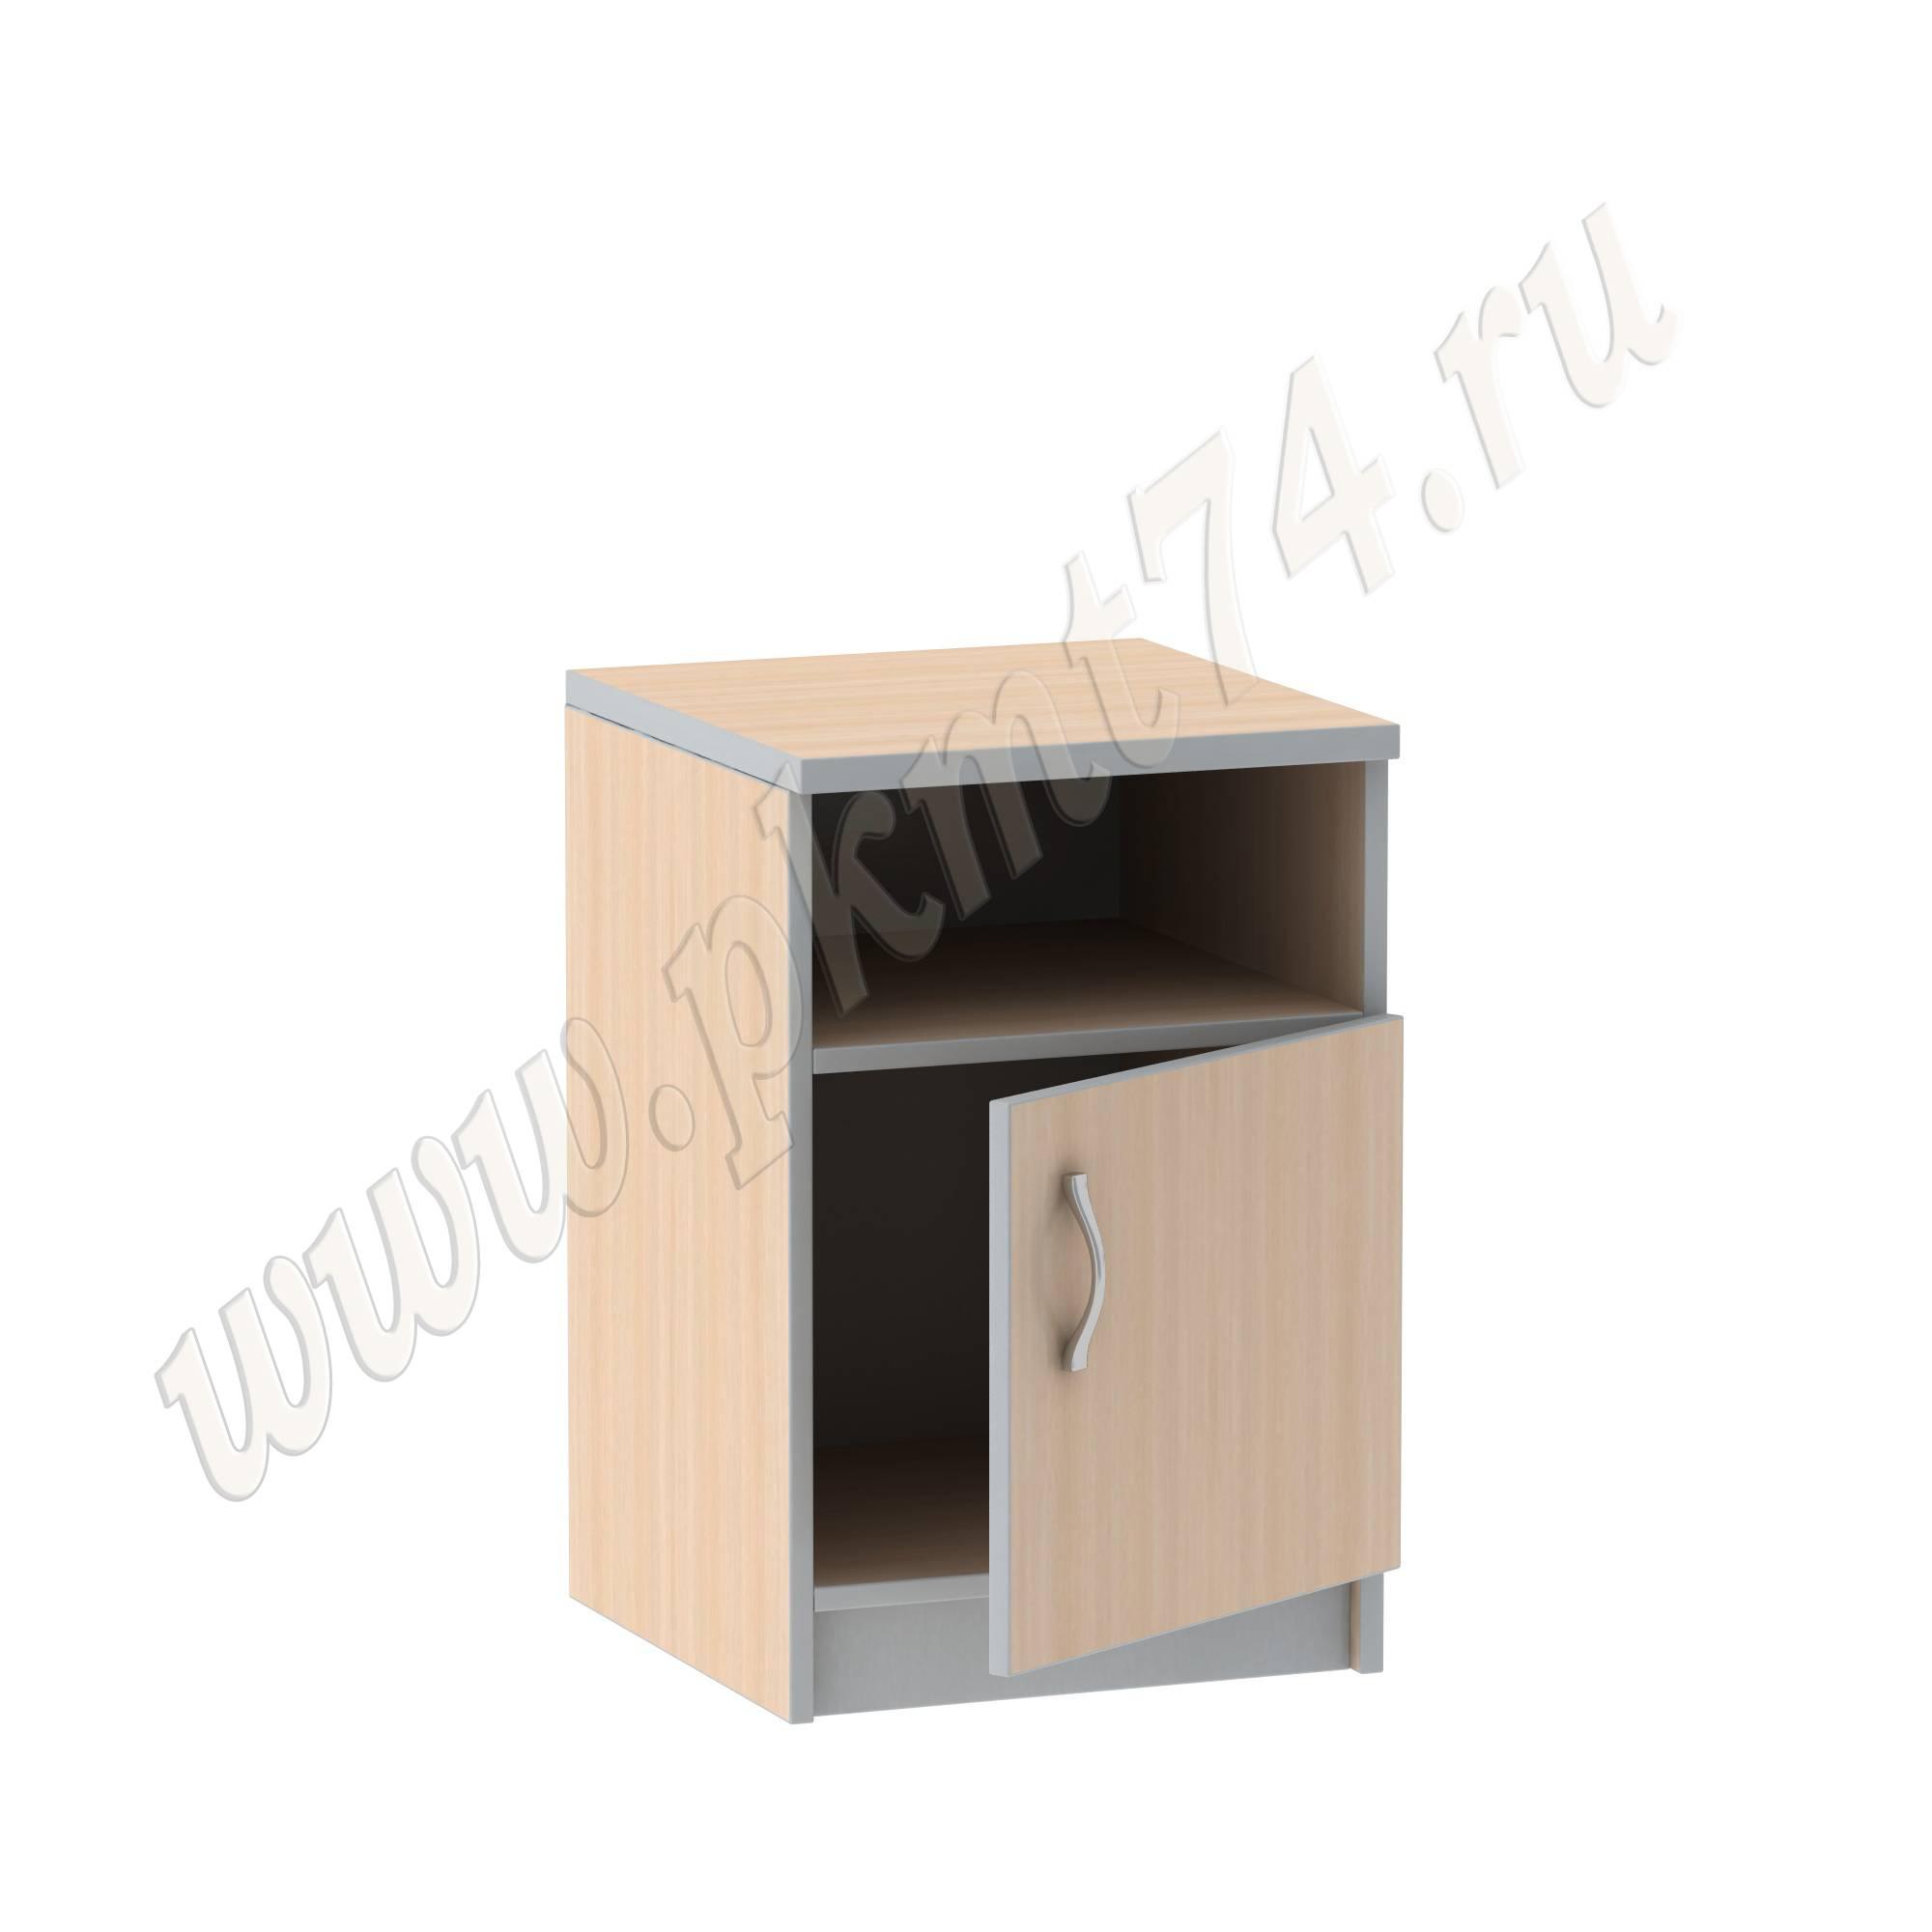 Тумба с нишей и дверкой для офиса [Стандартный цвет:: Орех; Цвета ЛДСП на выбор:: Молочный-Алюминий]